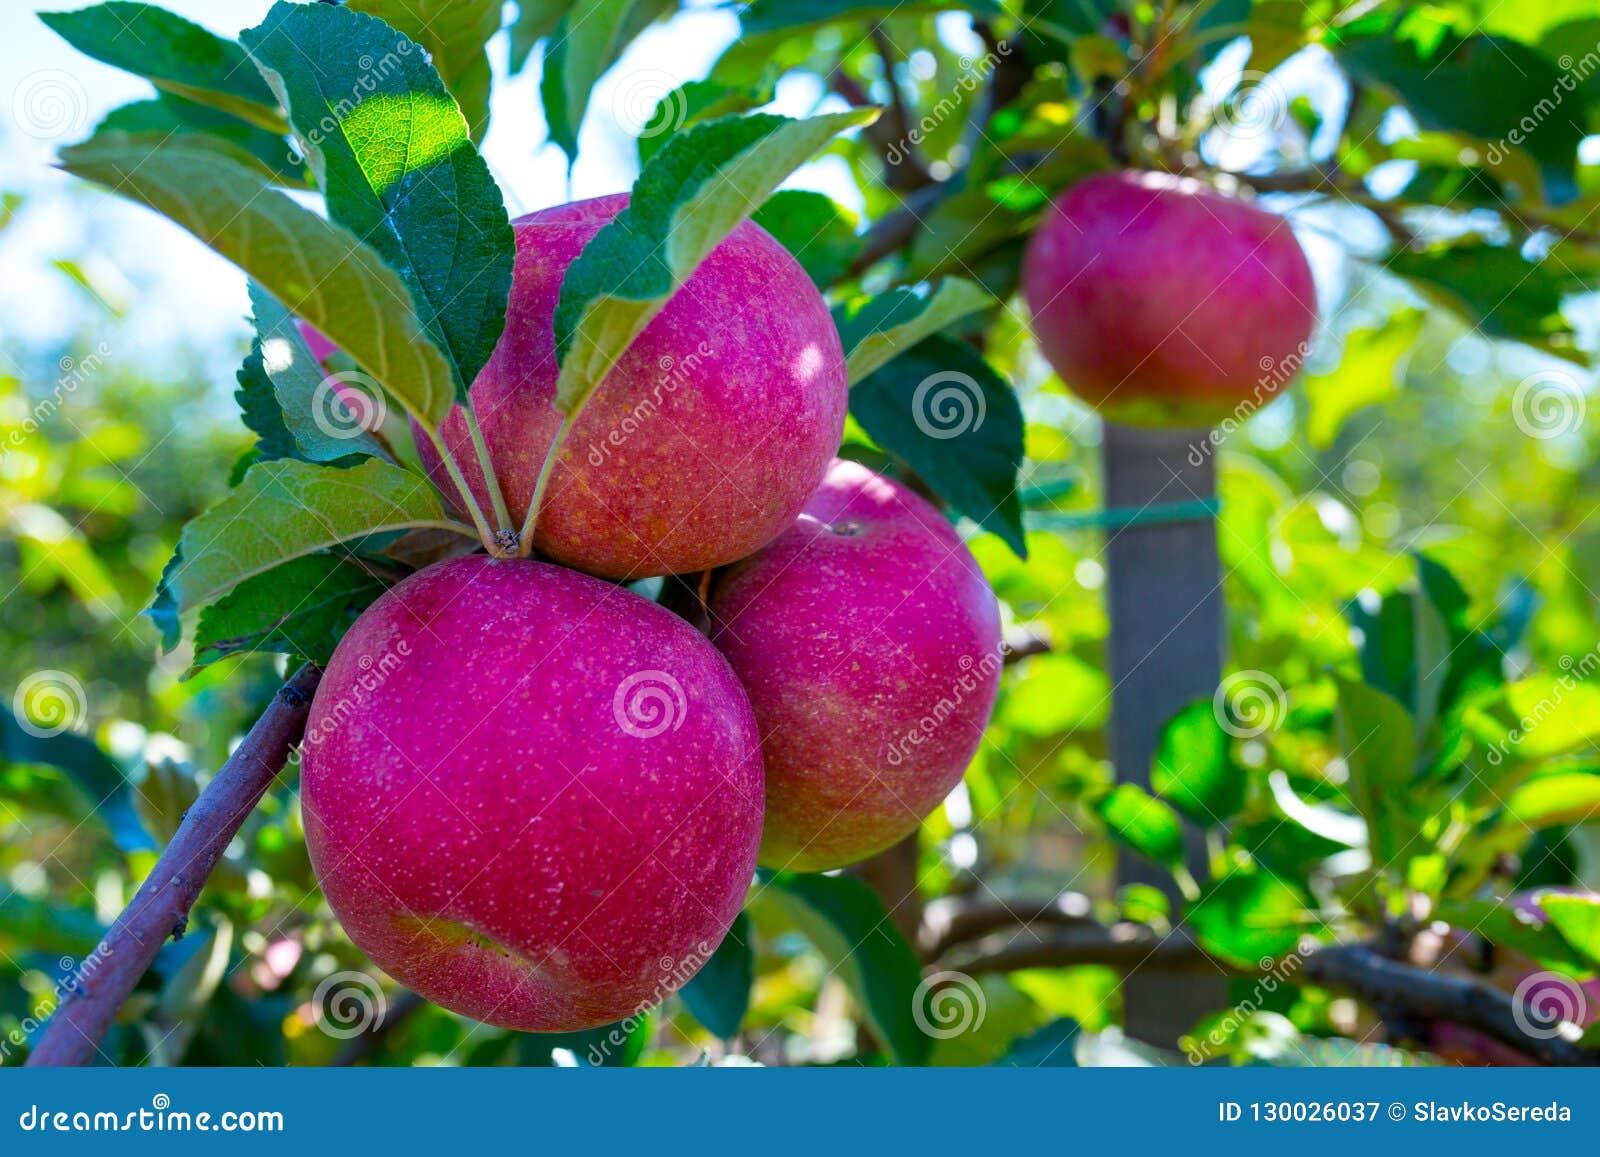 Зрелые плоды красных яблок на ветвях молодых яблонь